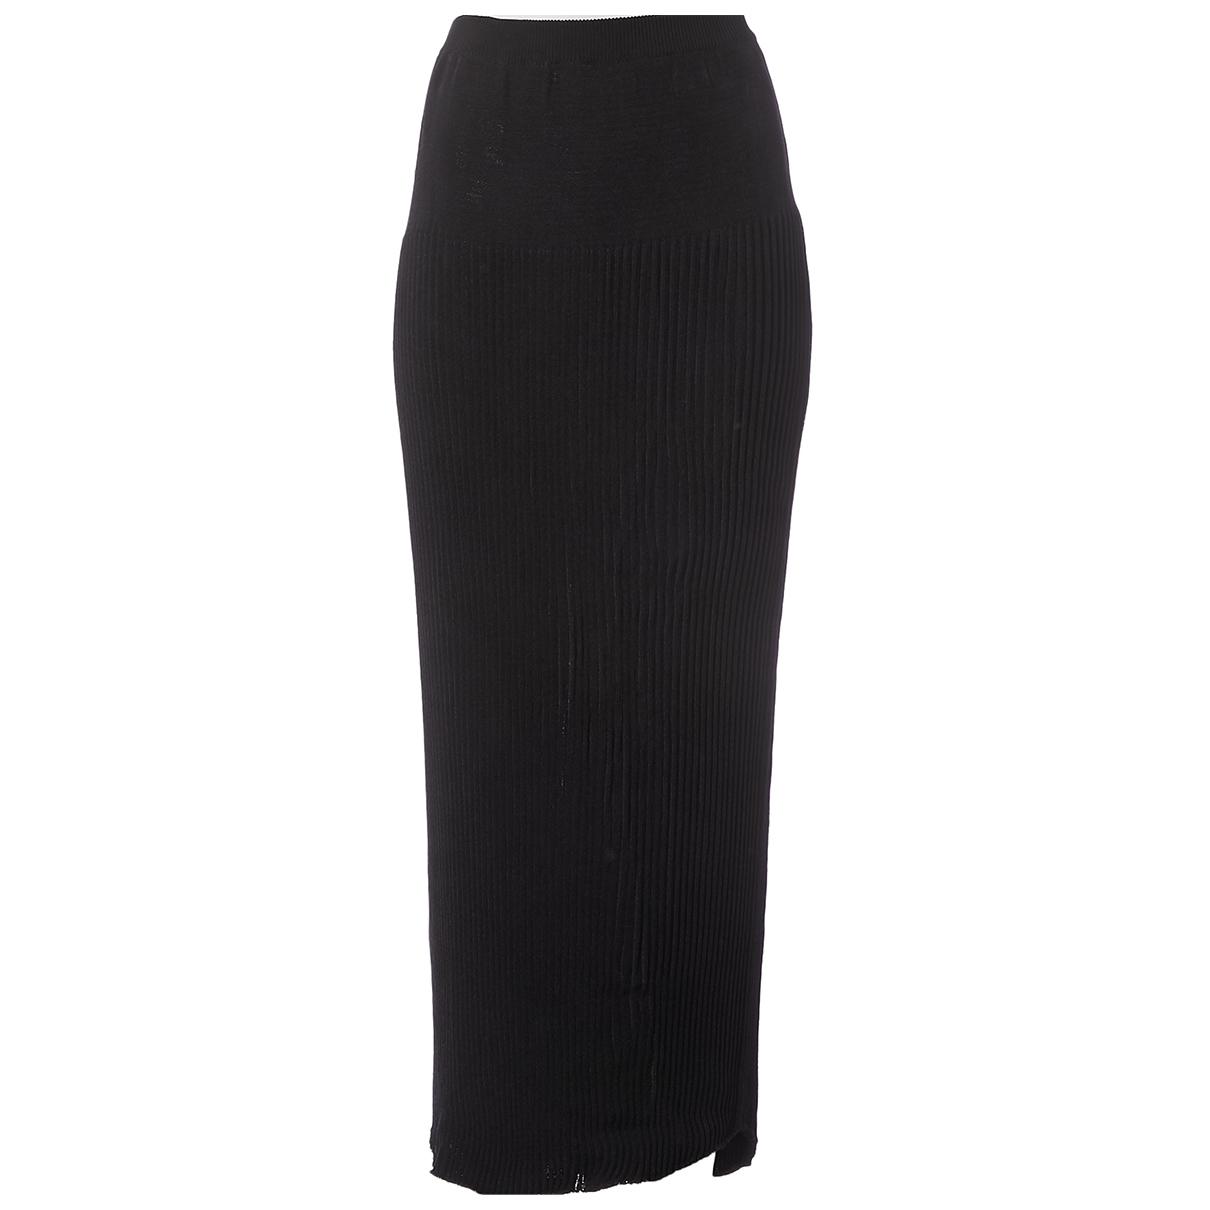 Yves Saint Laurent \N Black skirt for Women 40 FR